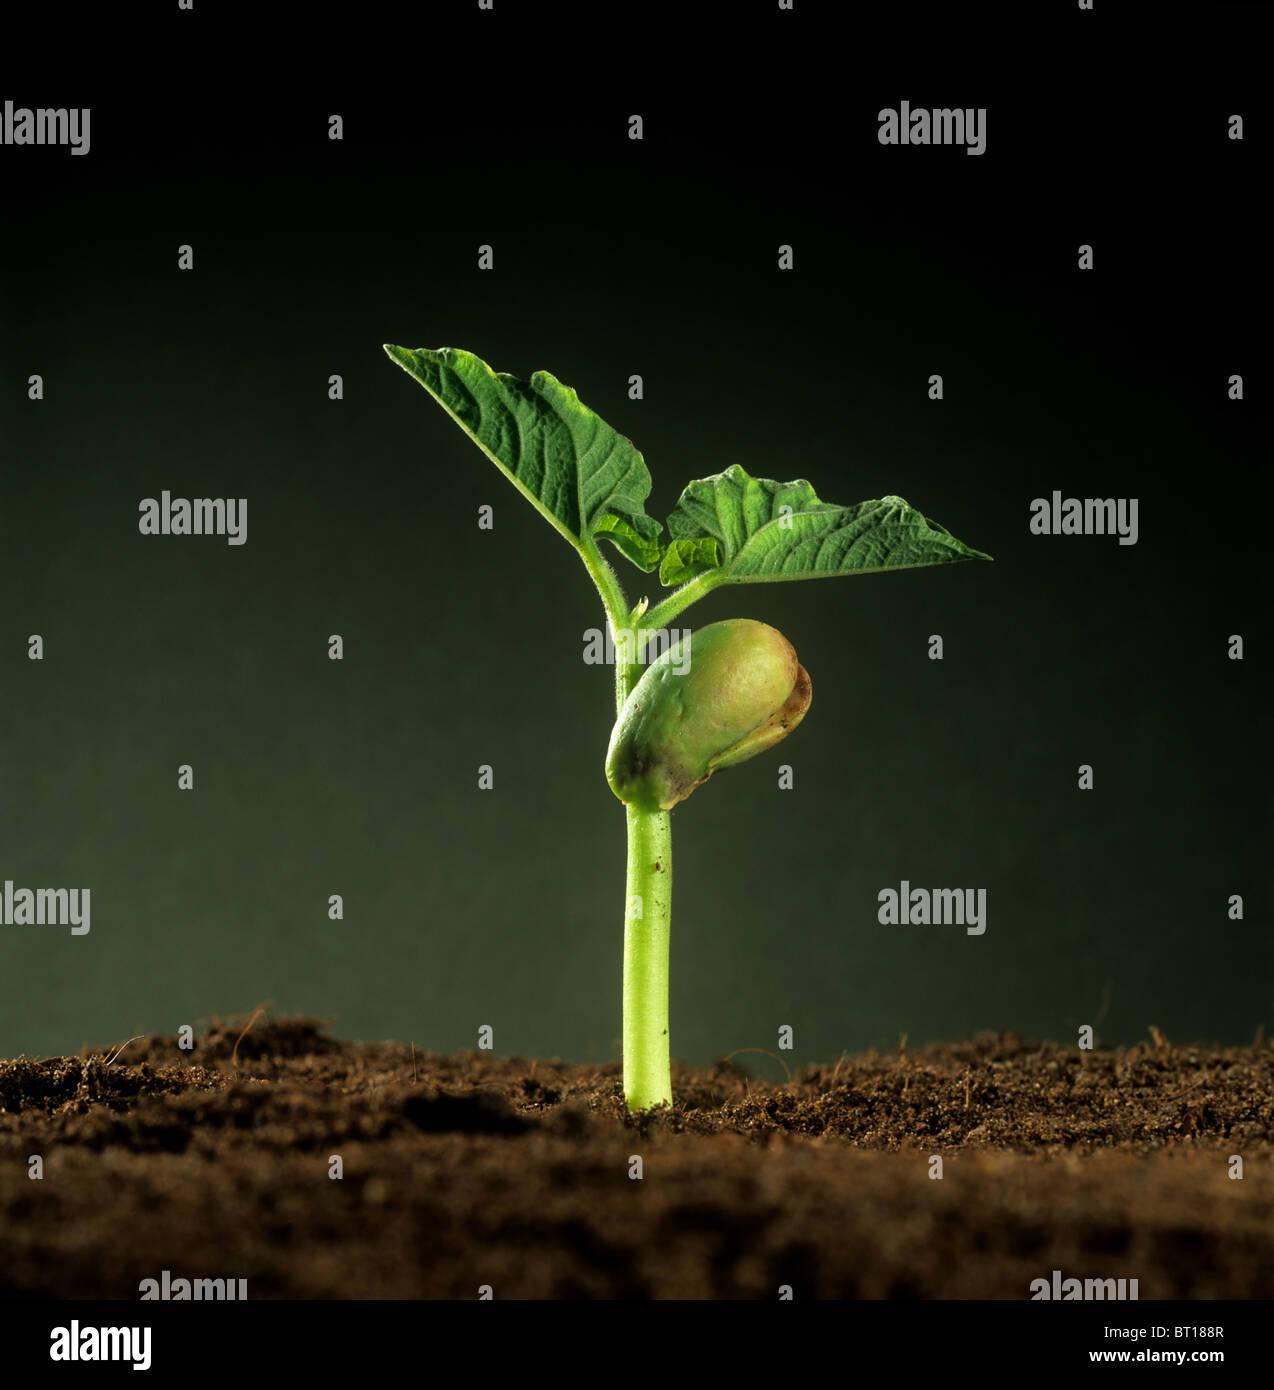 Green Bean (Phaseolus vulgaris) Plántula con cotiledón reserva de comida y primeras hojas verdaderas Imagen De Stock